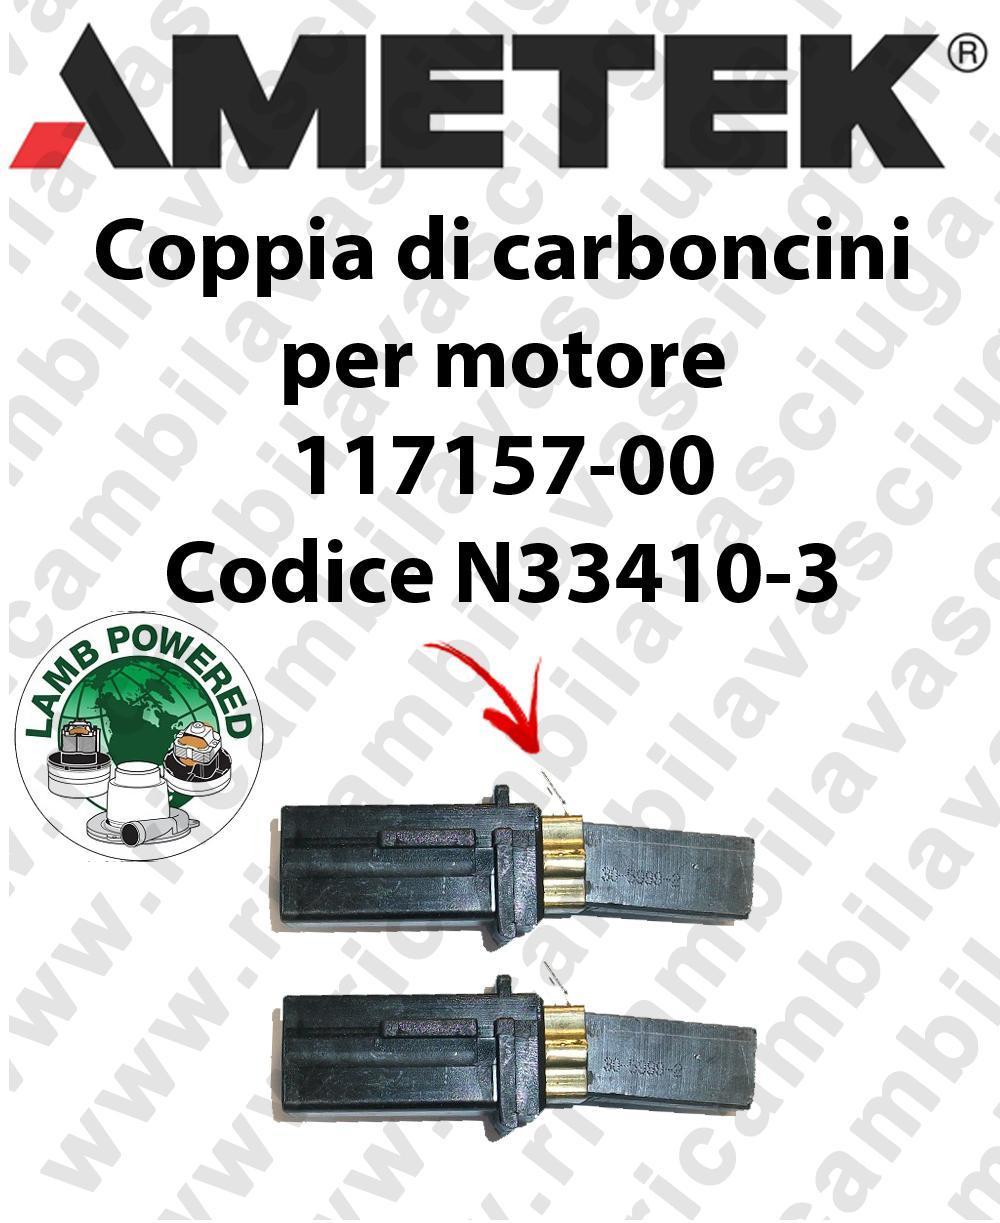 COPPIA di Carboncini Motore de aspiración para motore LAMB AMETEK 117157-00 cod. N33410-3